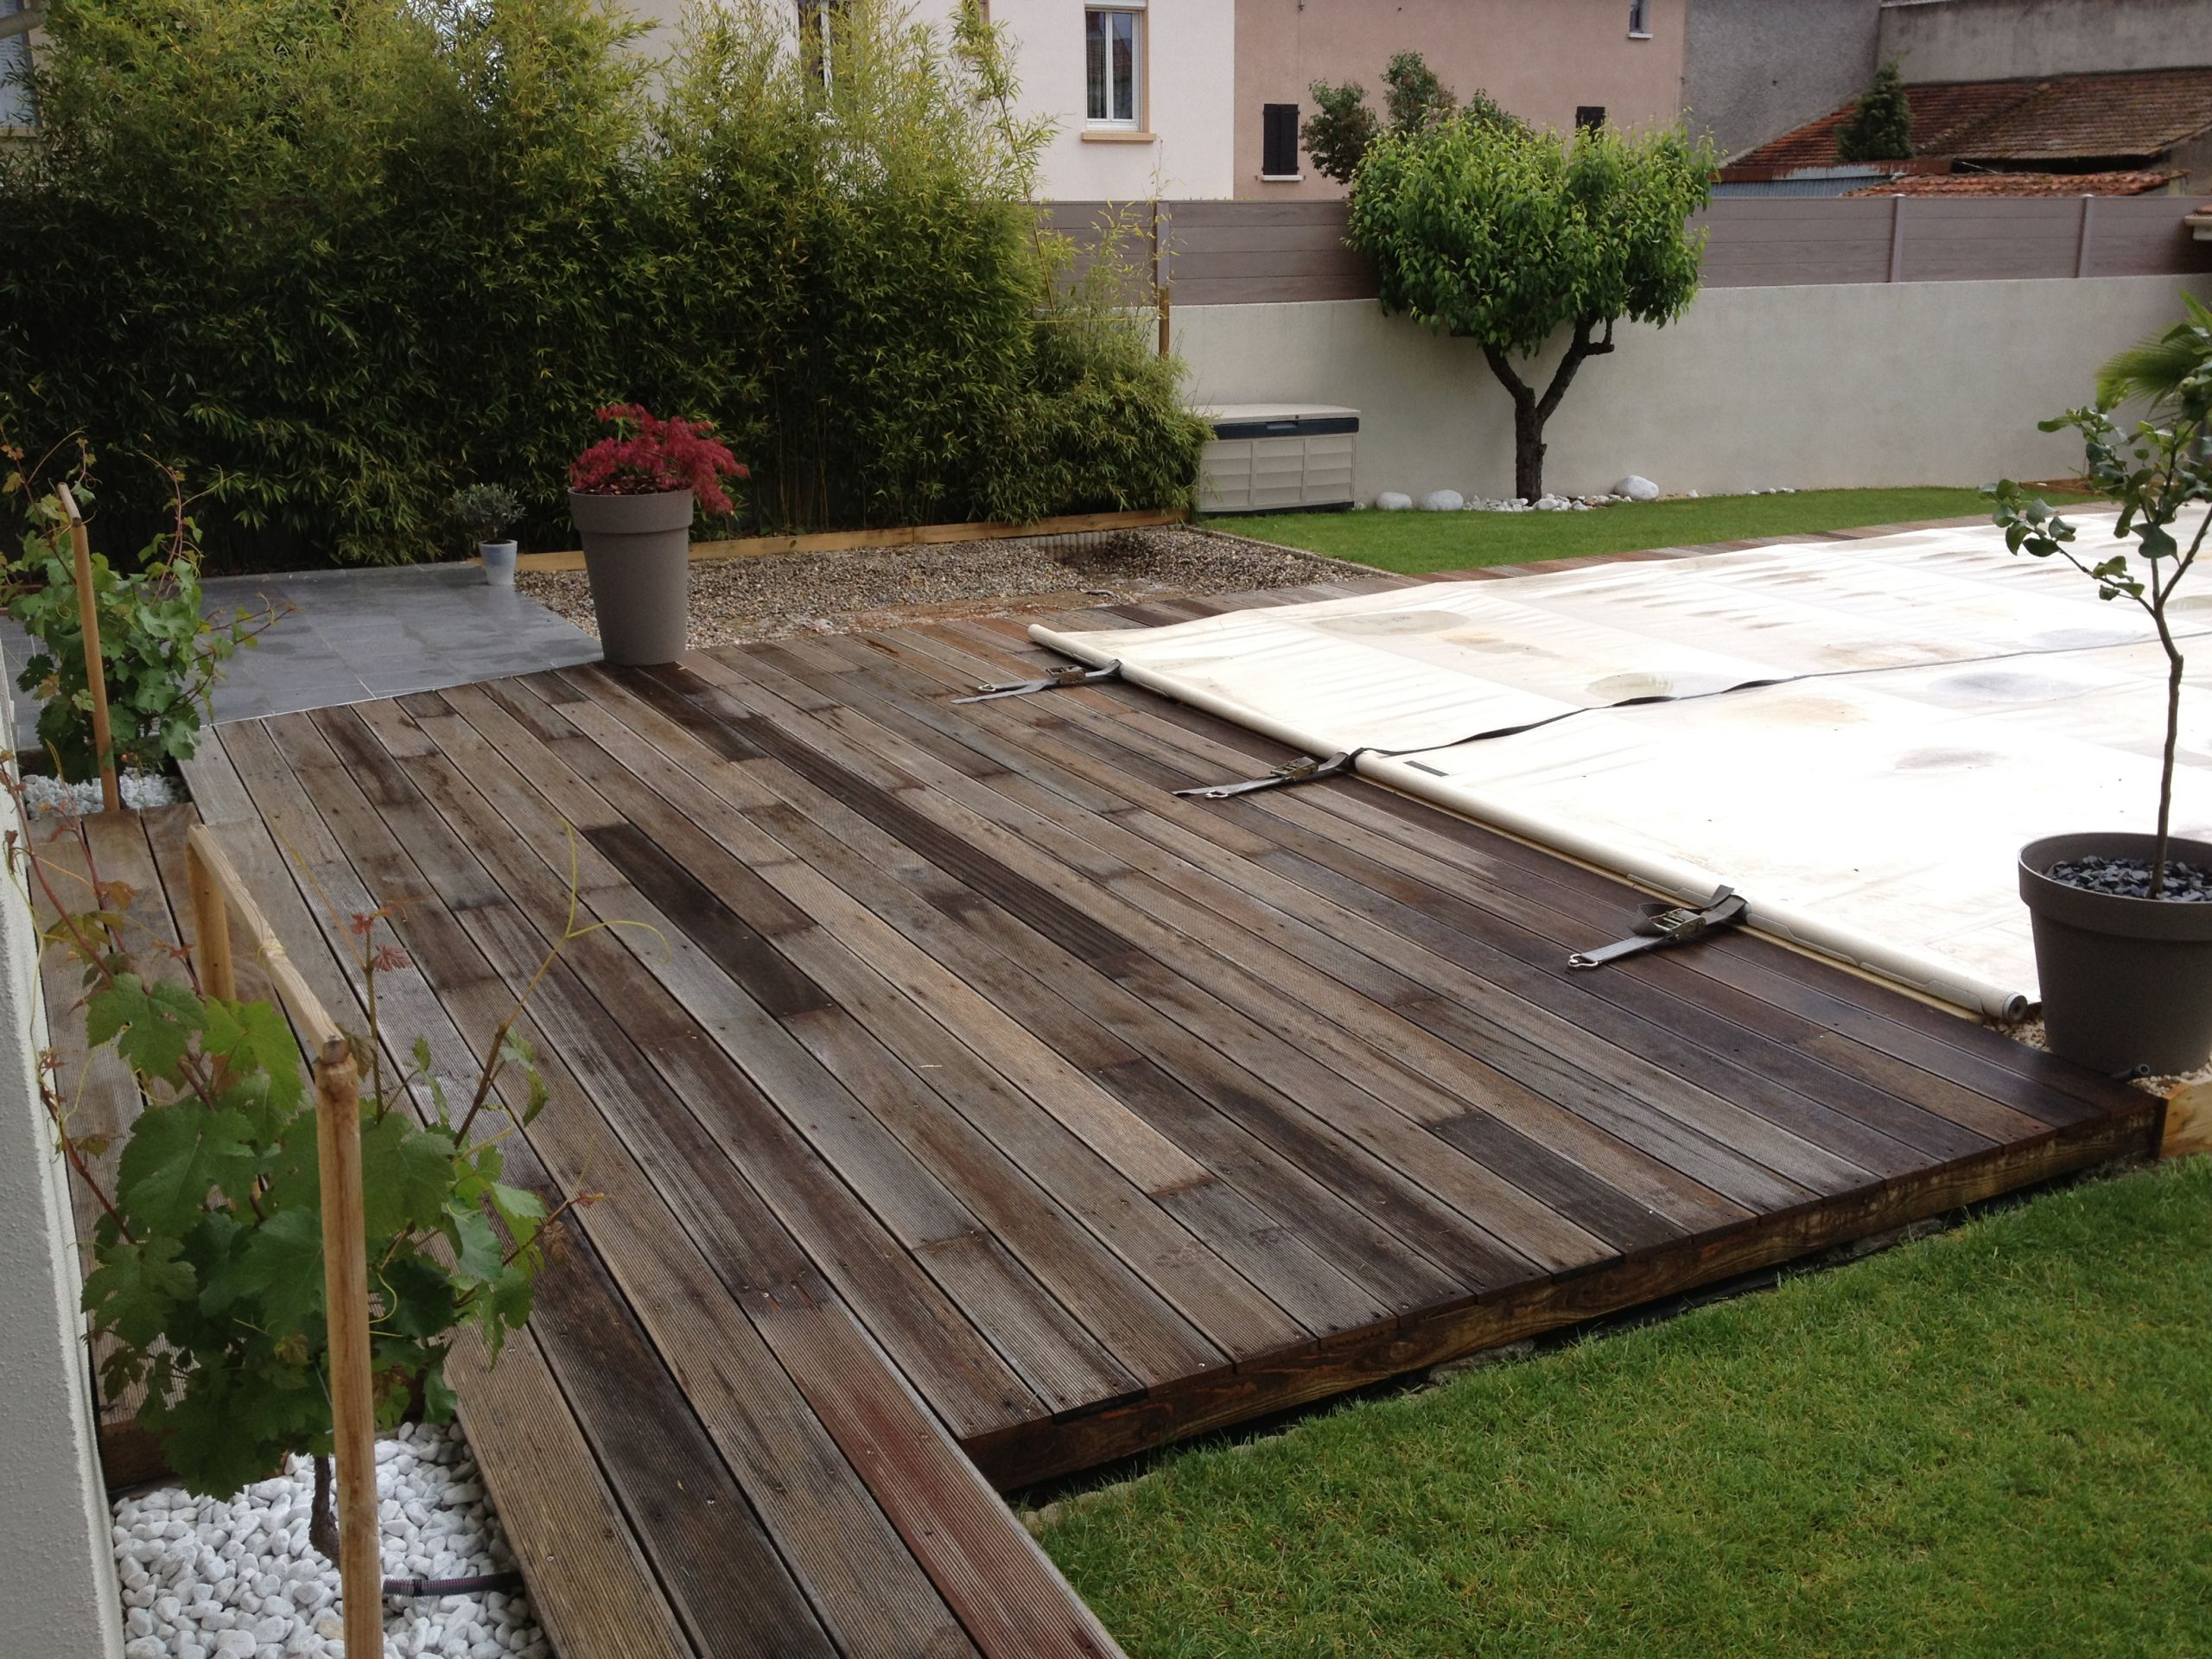 Terrasse en bois exotique bangkiraï bankirai dégrisée et